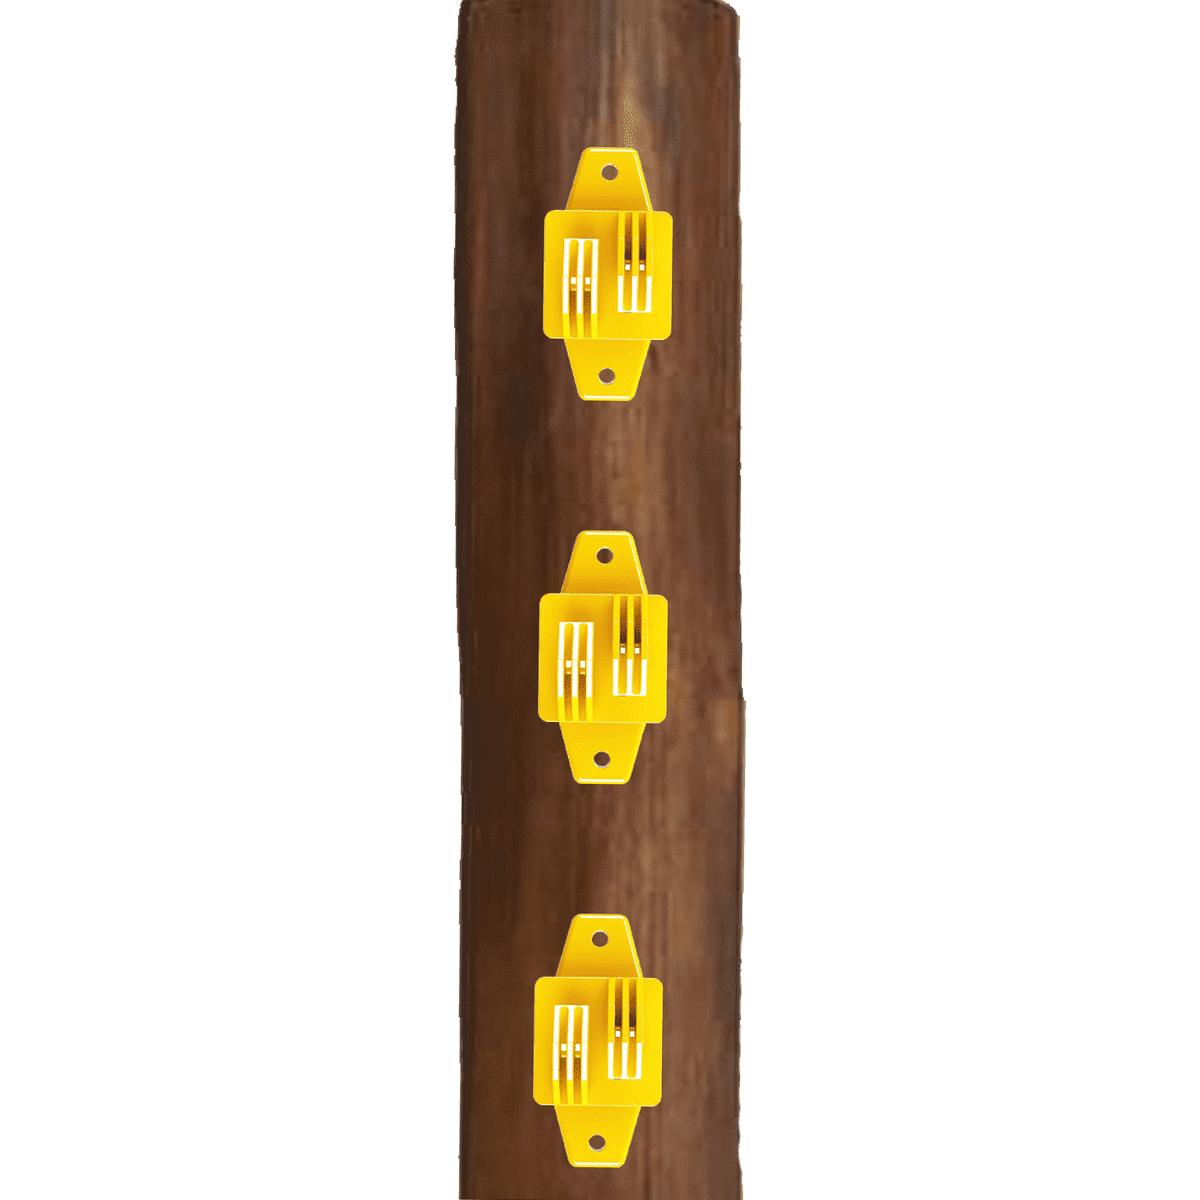 Isolador Tipo W Amarelo Cerca Elétrica Rural Residencial Industrial Pacote 250 Unidades  - Ambientude Agro e Pet